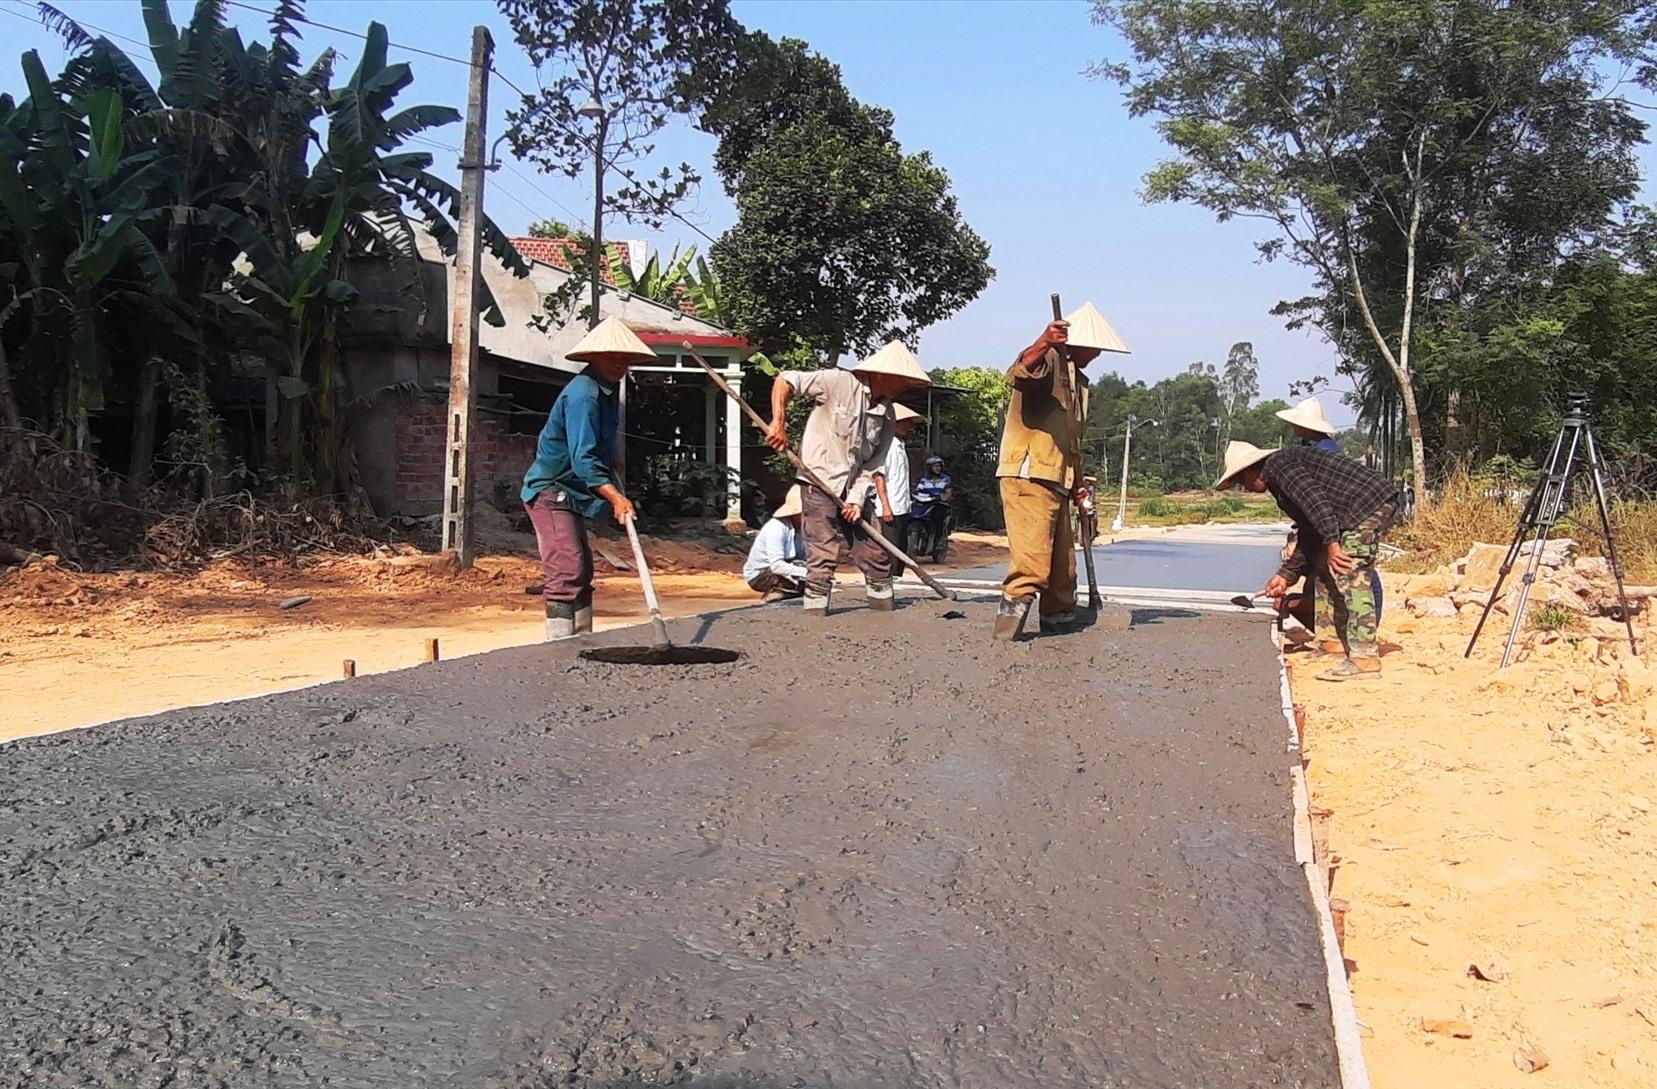 Những năm qua, Duy Phú tập trung nhiều nguồn lực đầu tư xây dựng hệ thống giao thông nông thôn. Ảnh: H.N